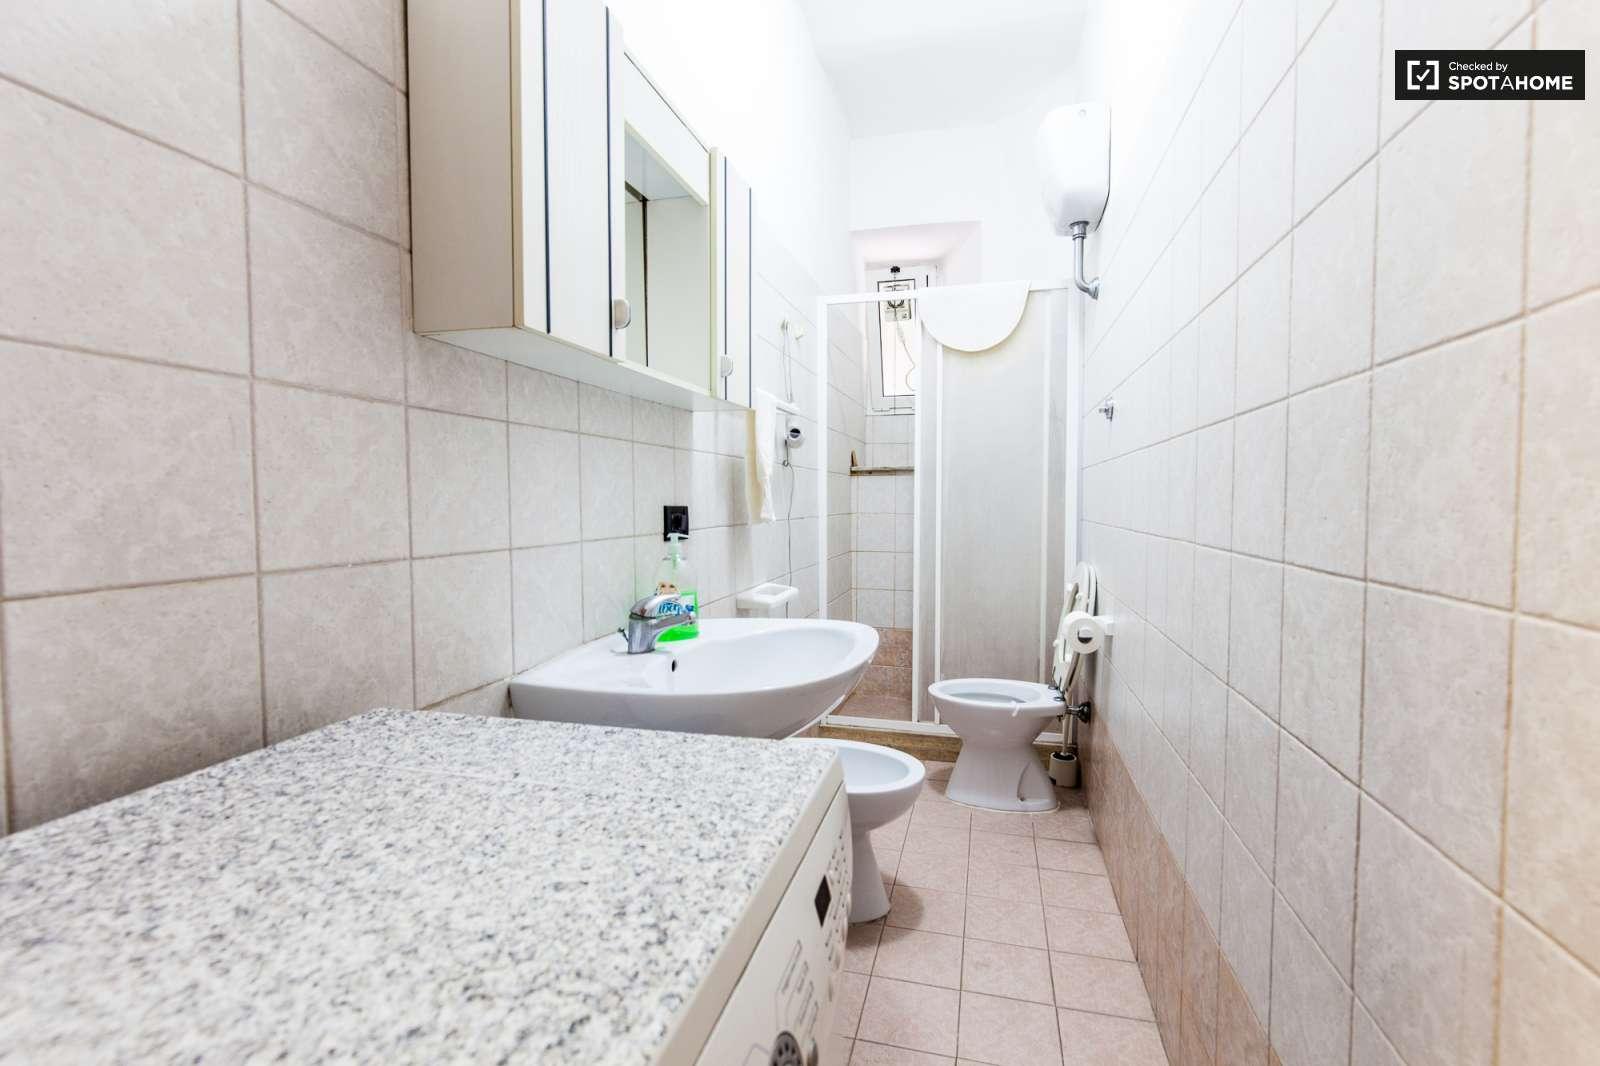 Posti letto in affitto in camera da letto condivisa in un for 2 camere da letto 2 piani del bagno